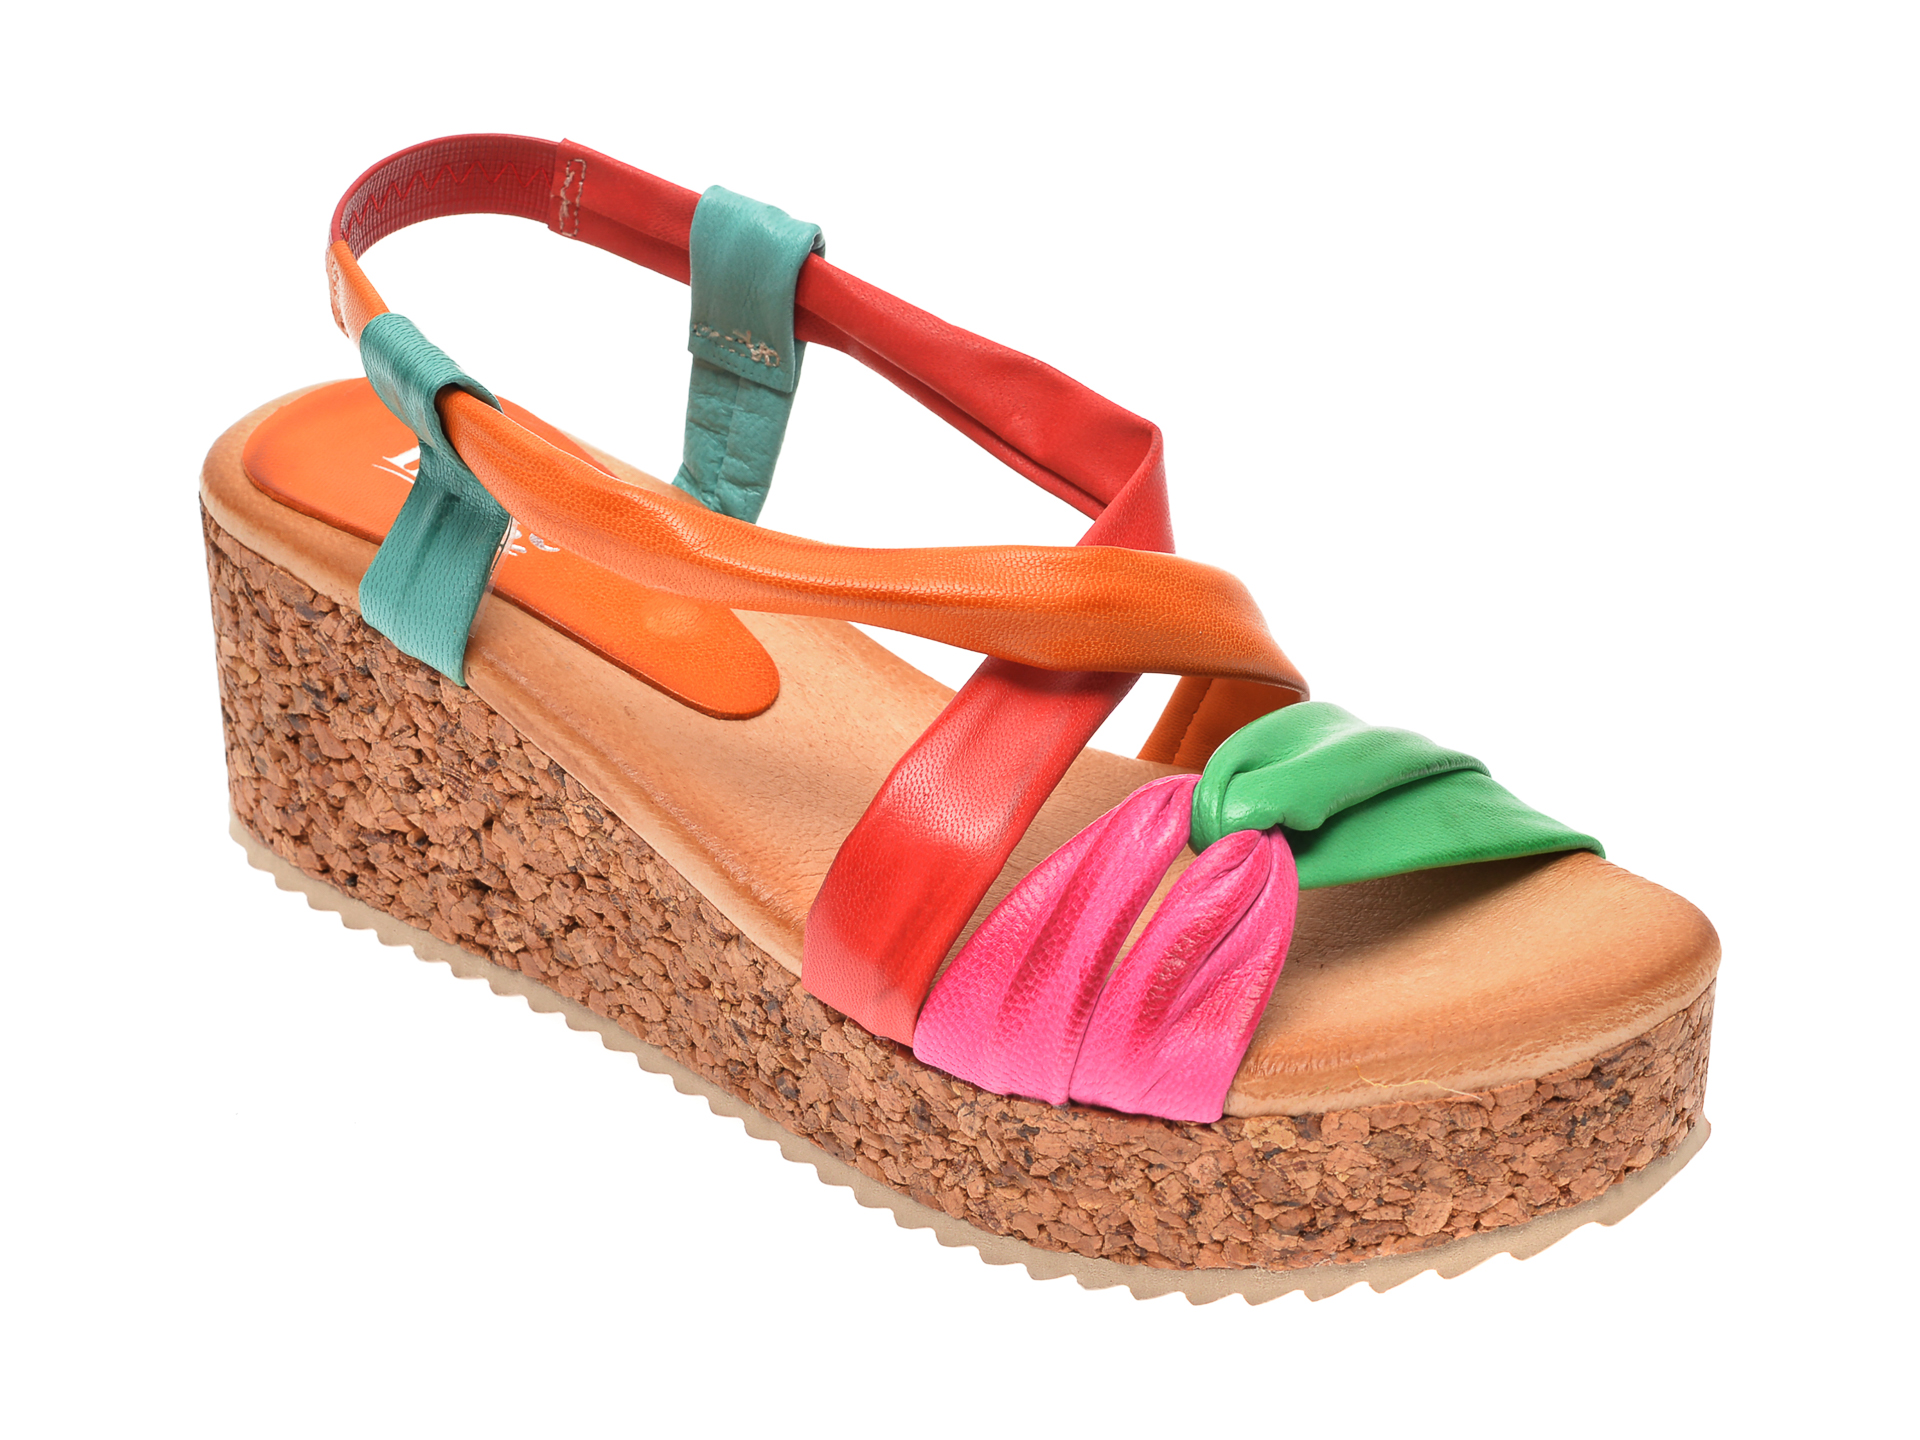 Sandale IMAGE multicolor, 1059, din piele naturala